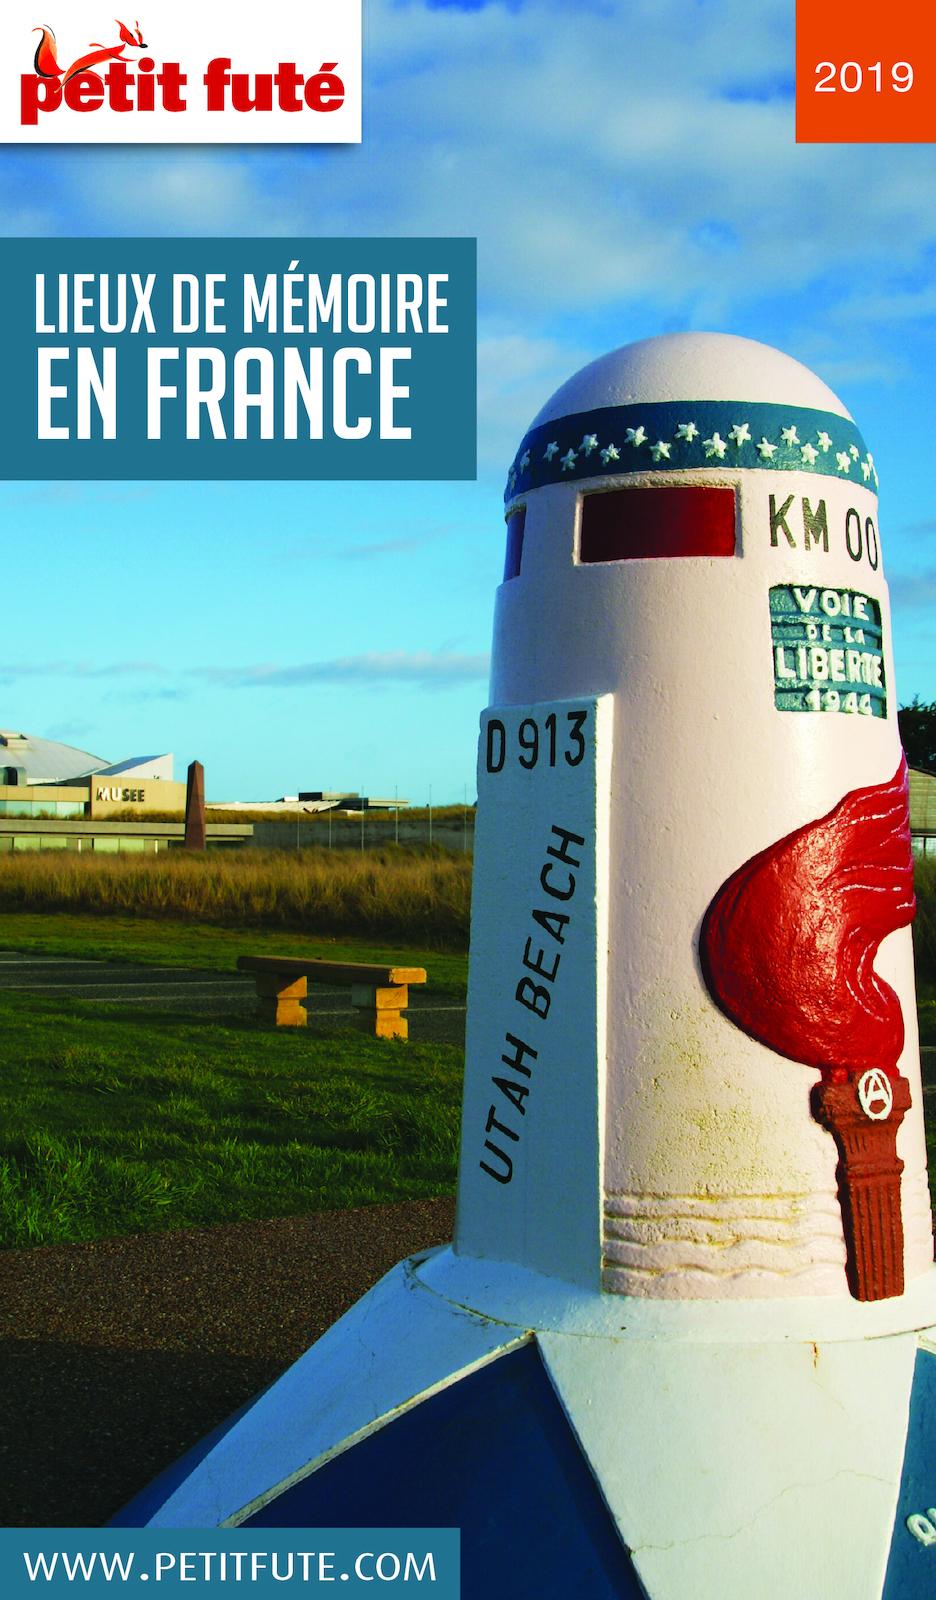 LIEUX DE MÉMOIRE EN FRANCE 2019 Petit Futé